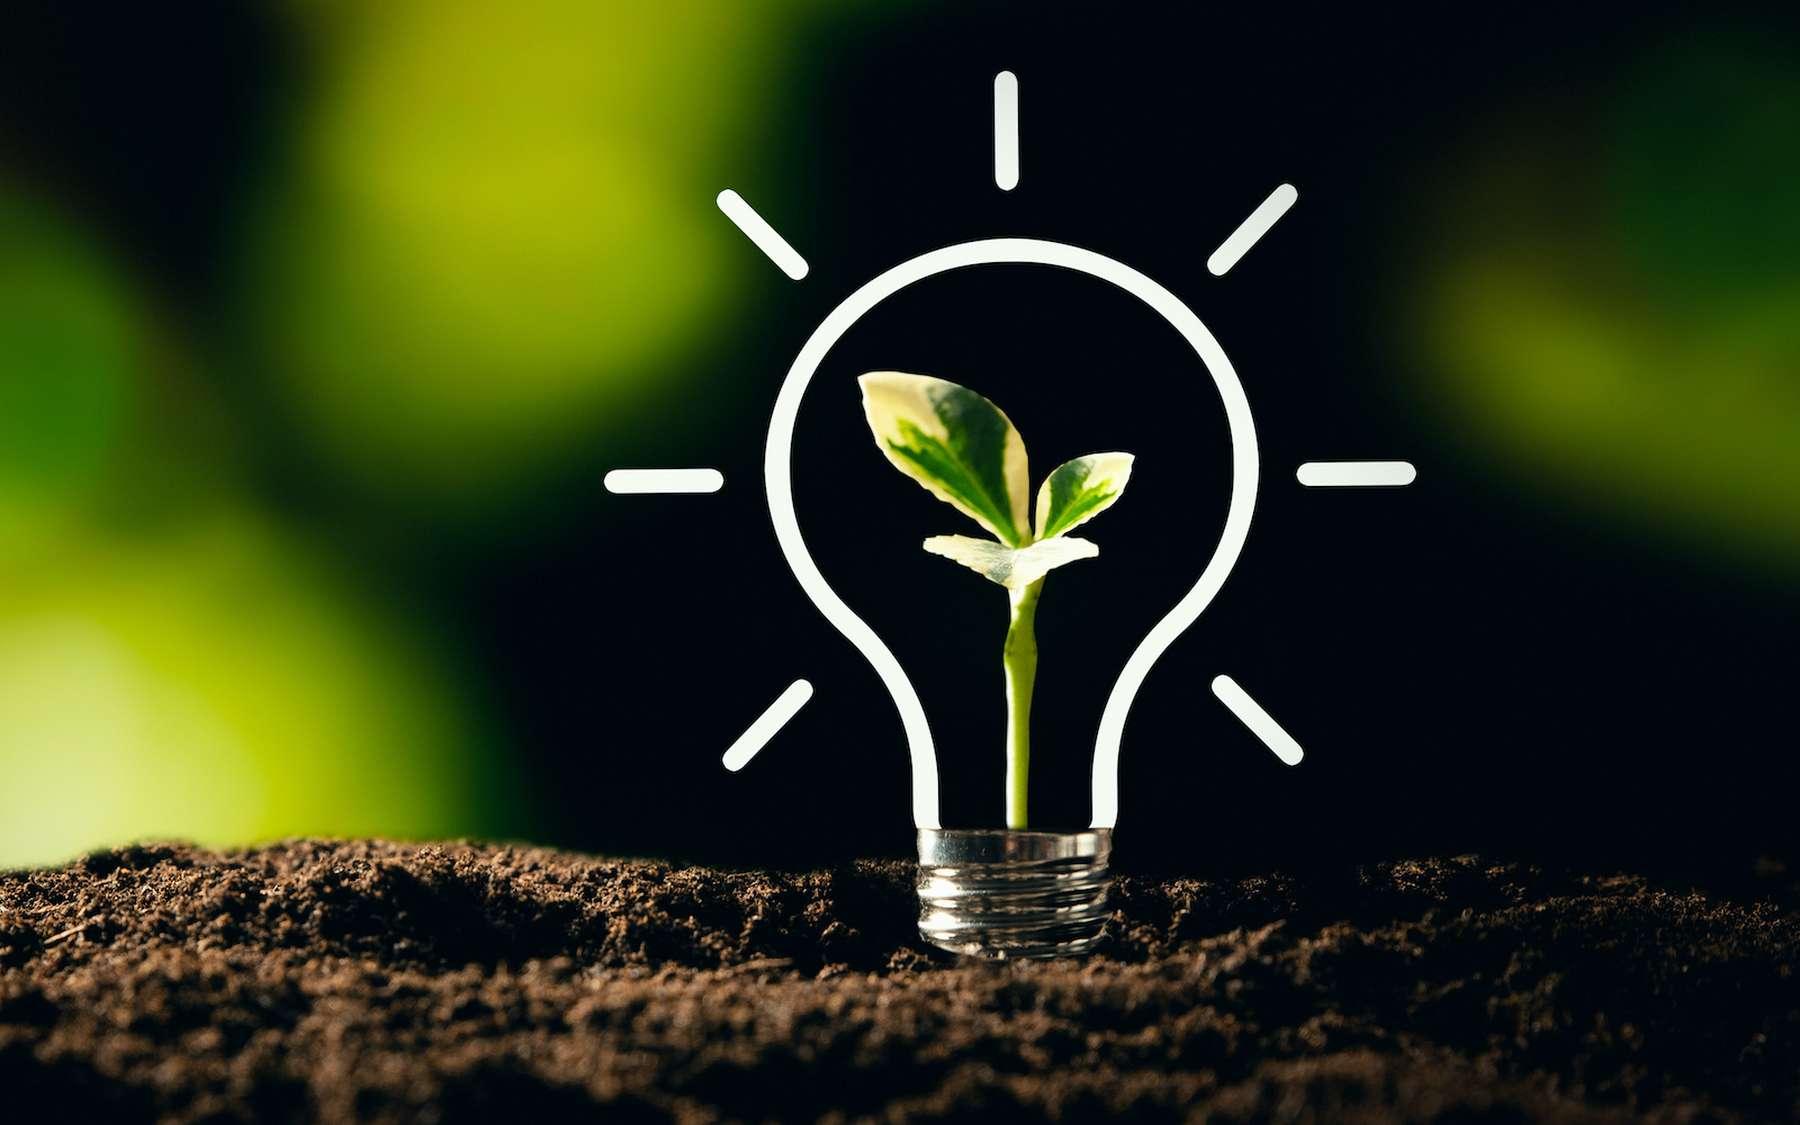 Les solutions concrètes des start-up pour la transition écologique. © Proxima Studio, Adobe Stock